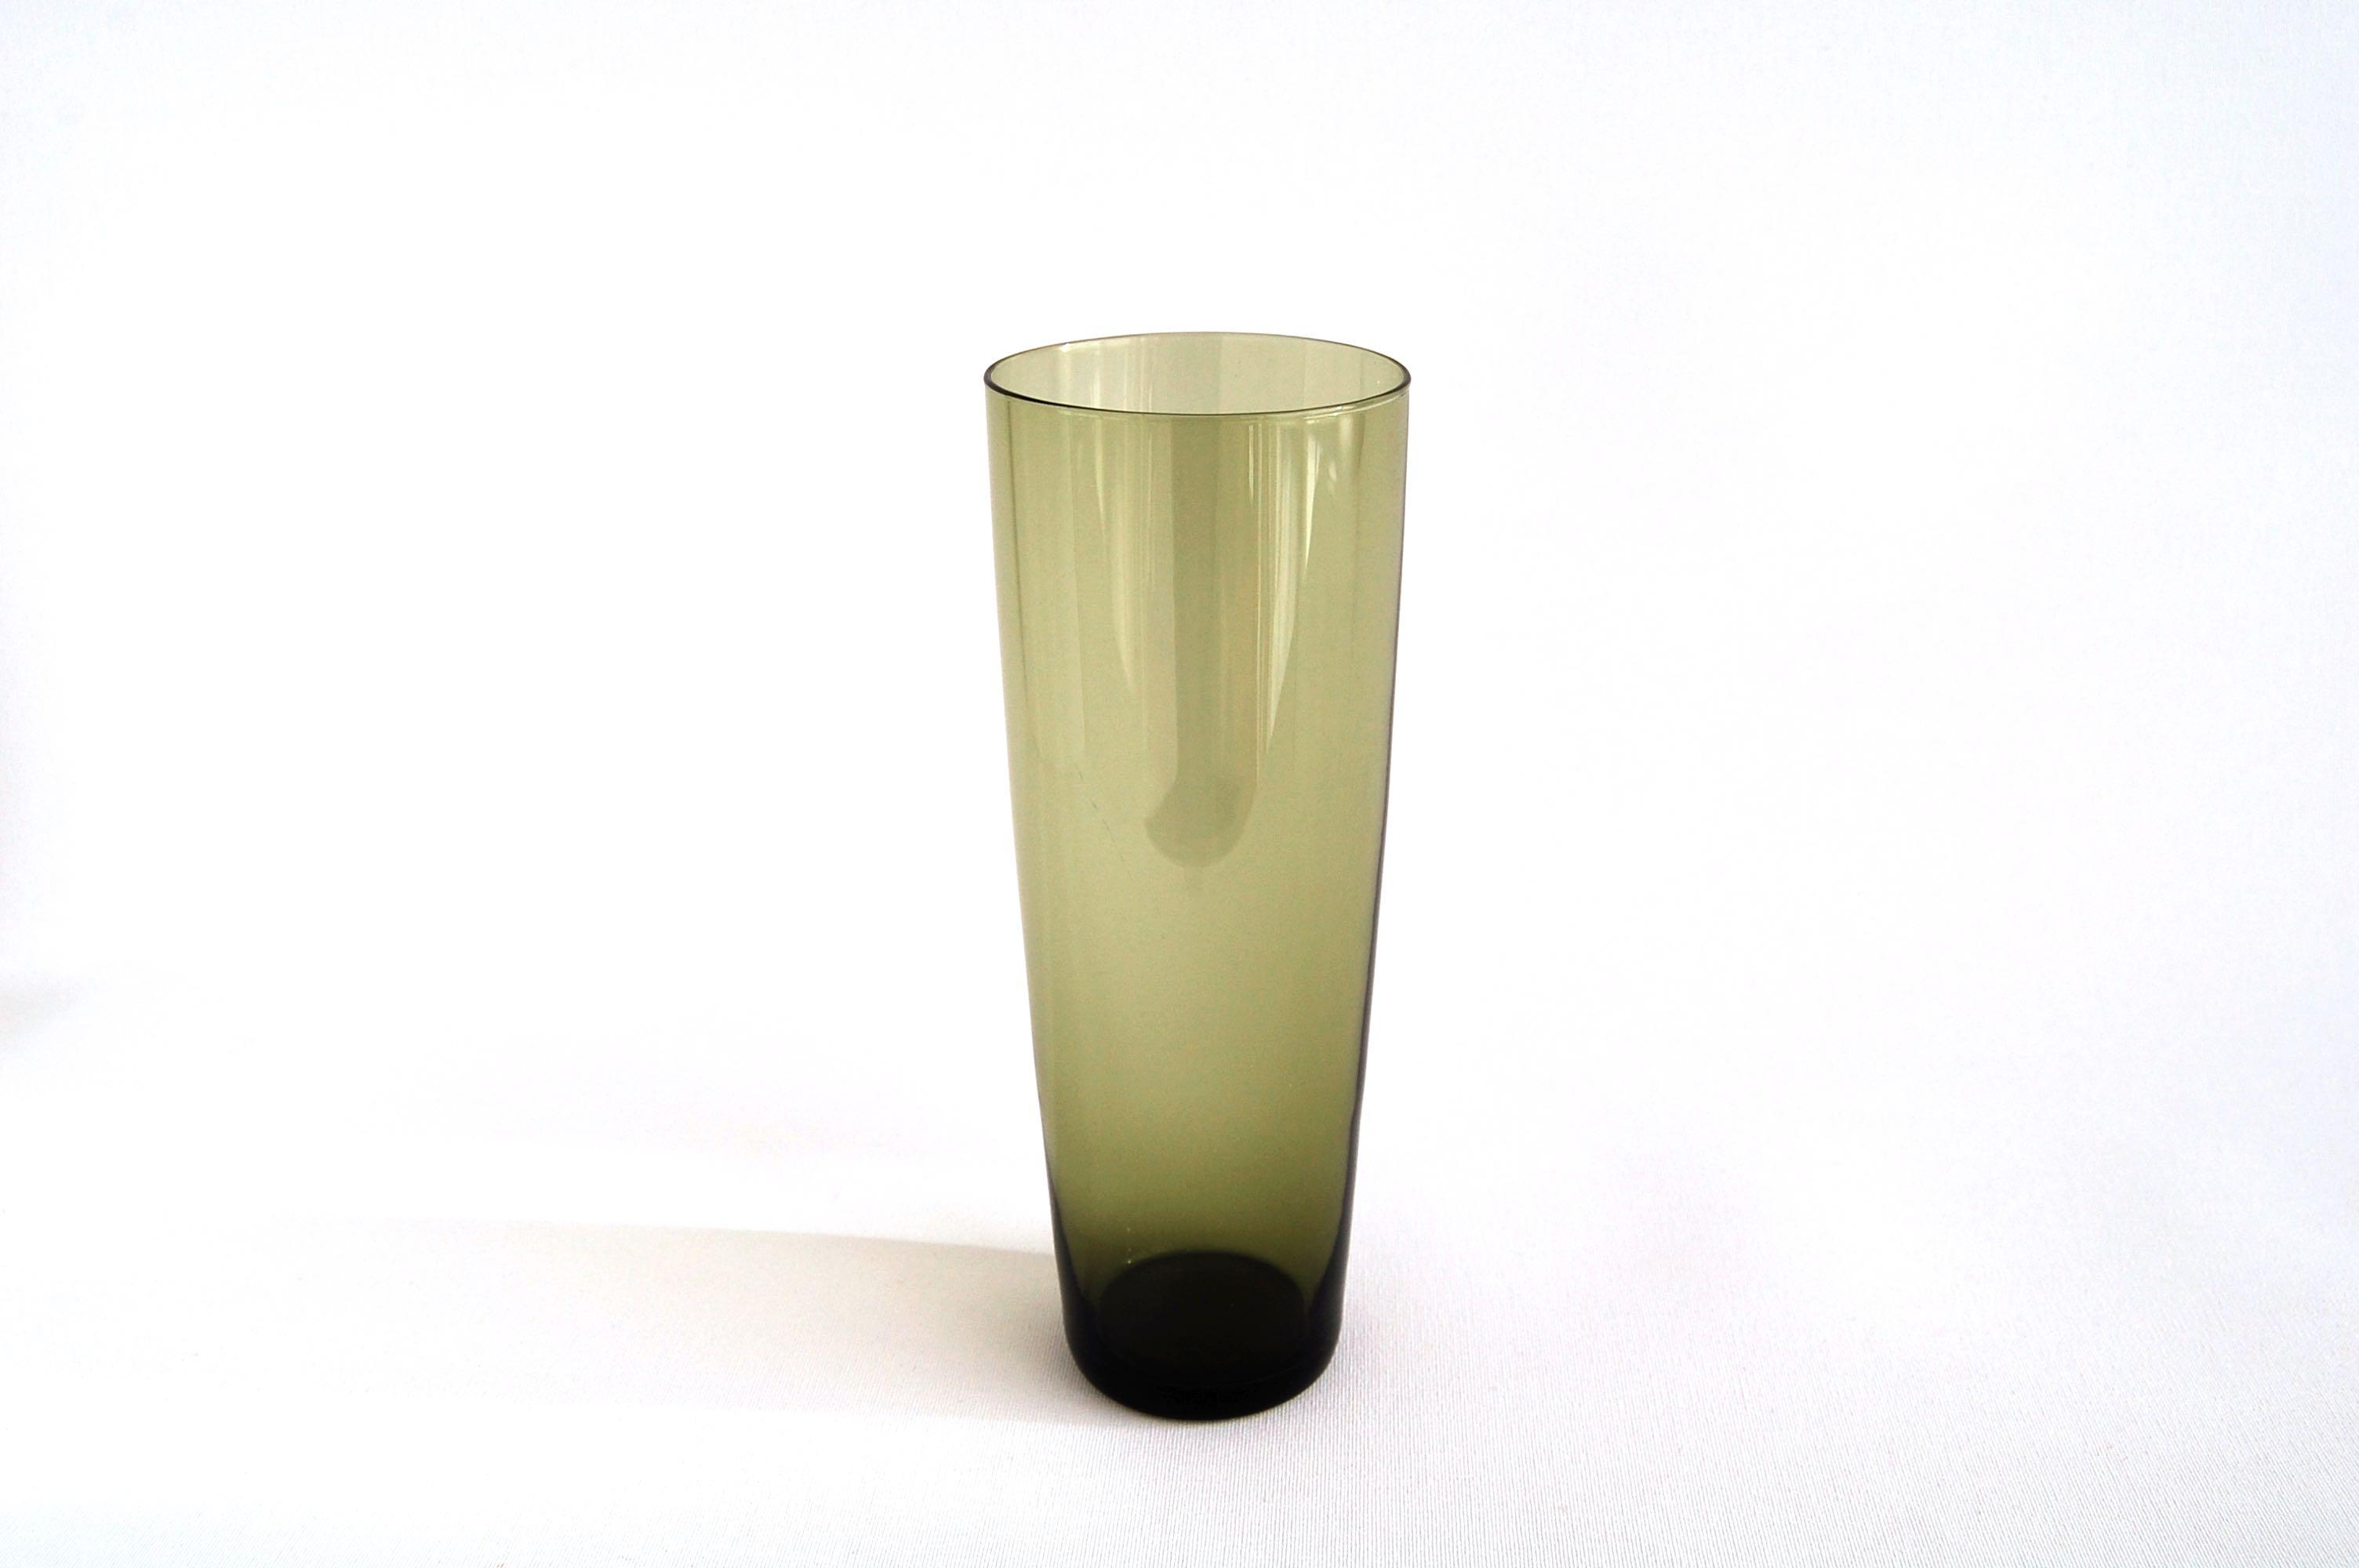 iittala/イッタラ Tapio Wirkkala/タピオ・ヴィルカラ 2204 タンブラー/グラス グリーン 001